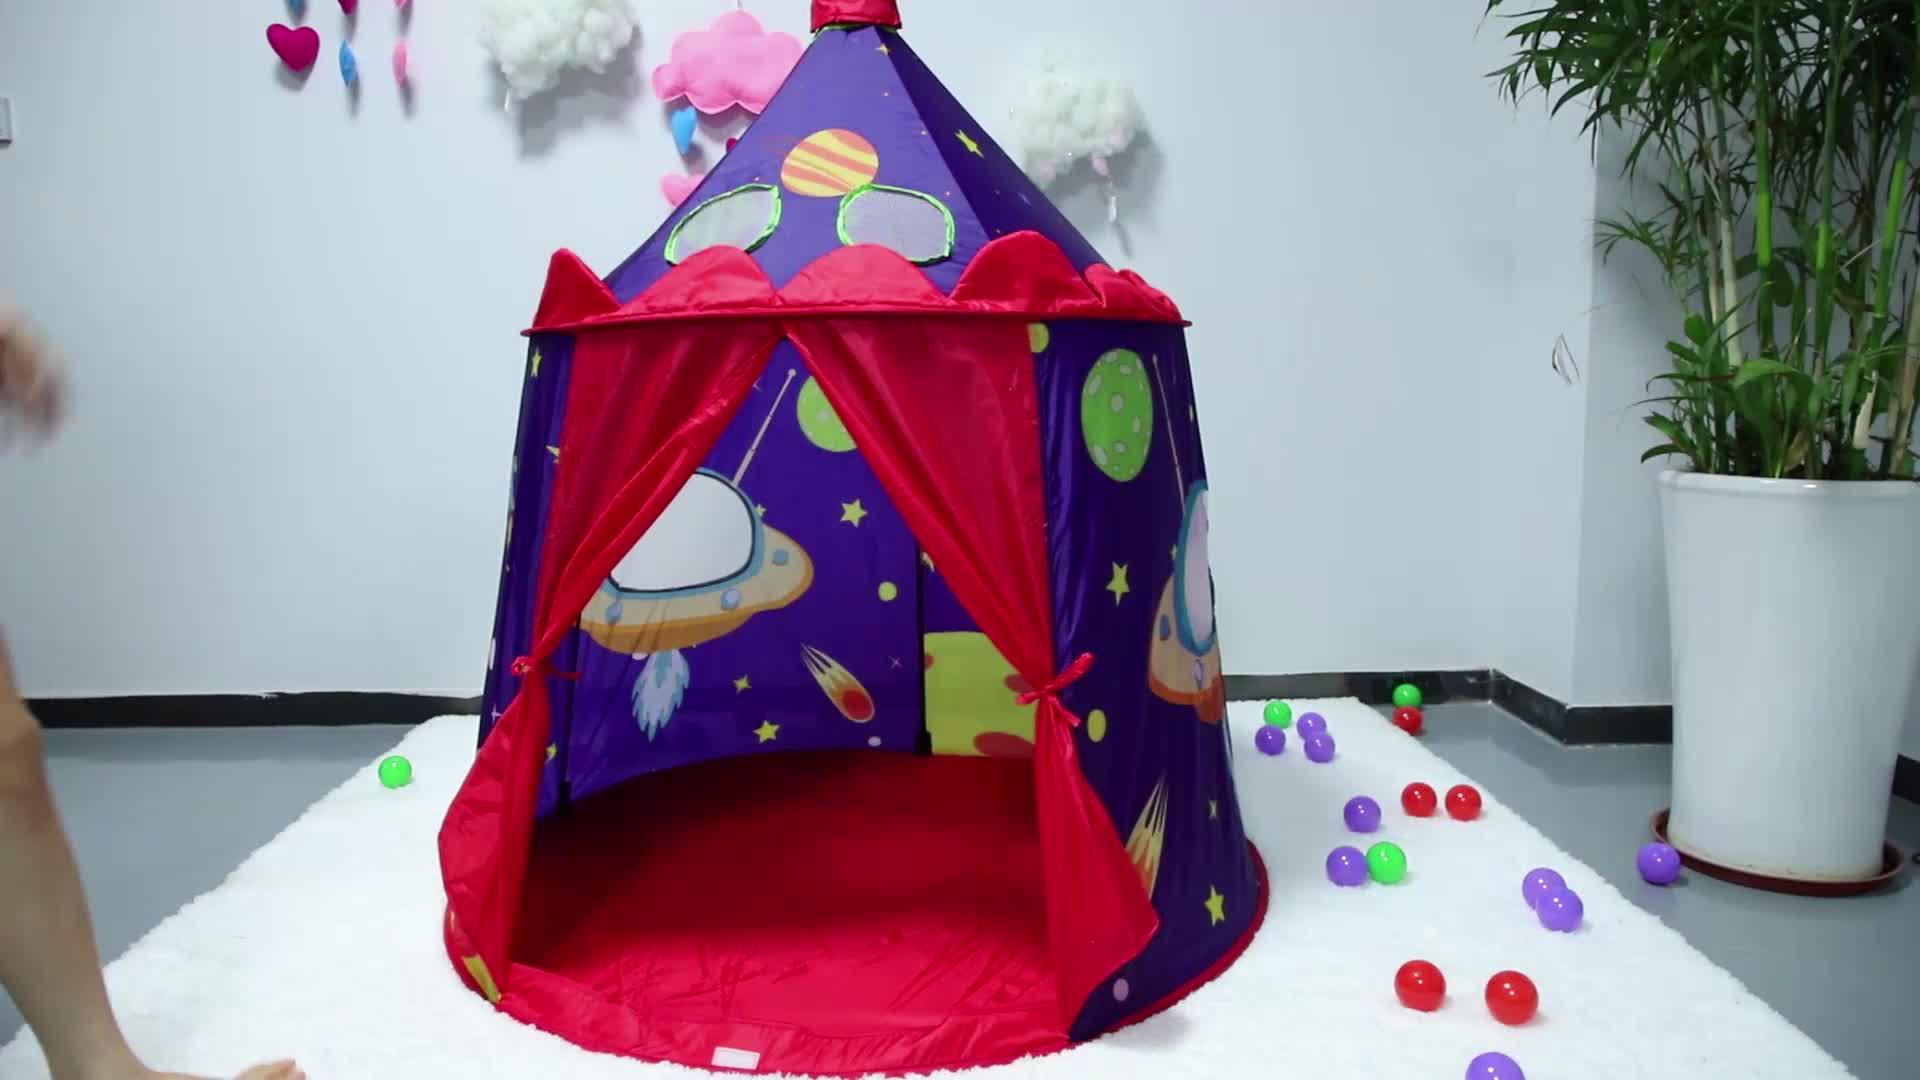 أطفال منزل ألعاب خيمة للبنين والبنات ، الأميرة خيمة لعب على شكل قلعة للداخلية والخارجية